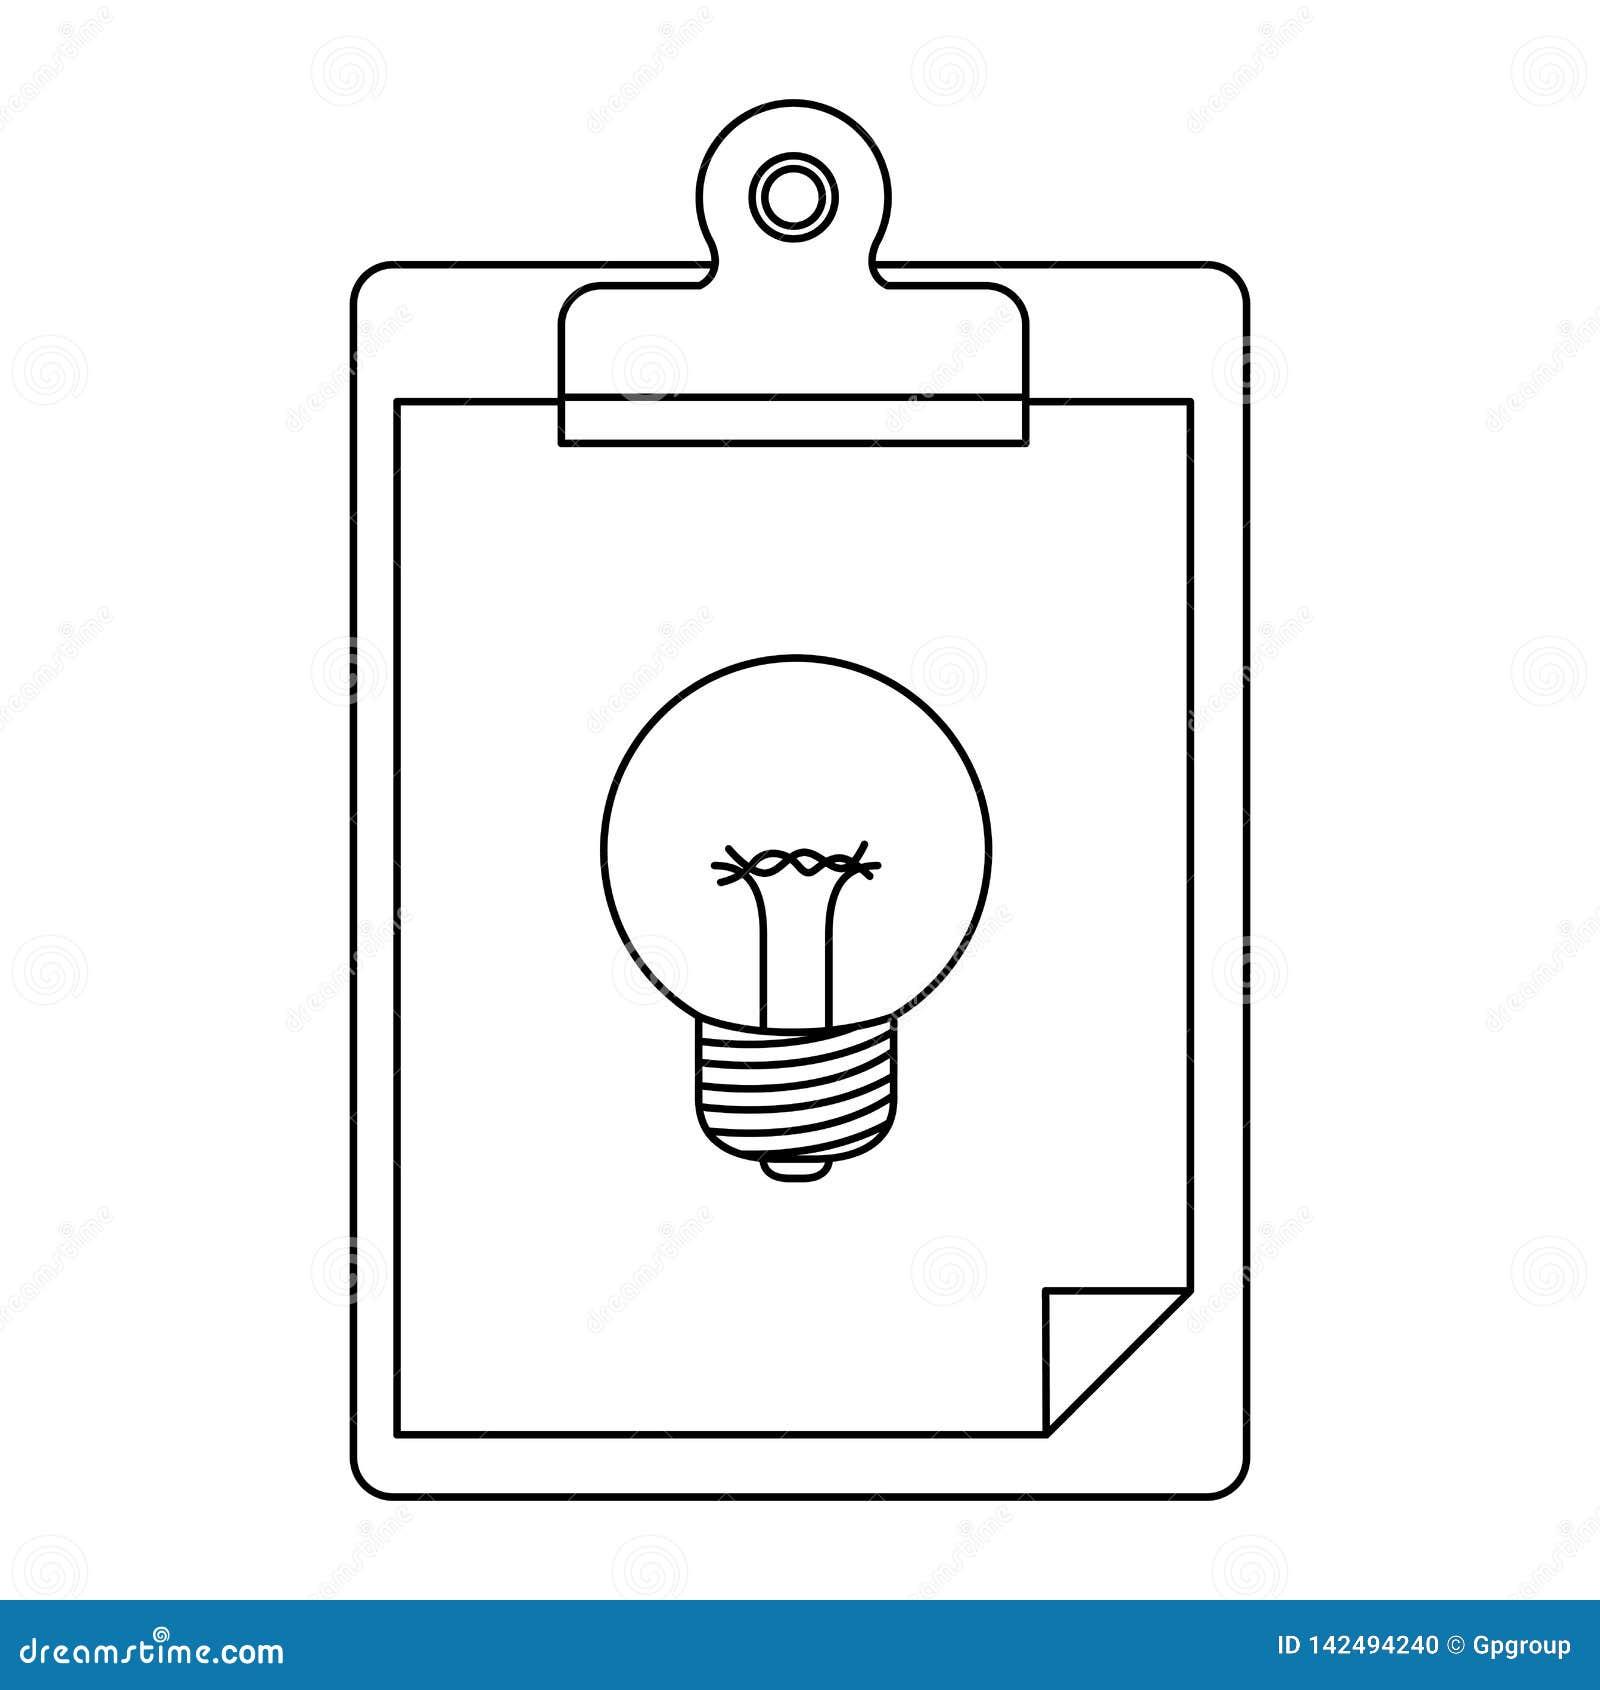 Άσπρο υπόβαθρο με τη μονοχρωματική σκιαγραφία του επιτραπέζιου σημειωματάριου με το φύλλο και γραφικός της λάμπας φωτός